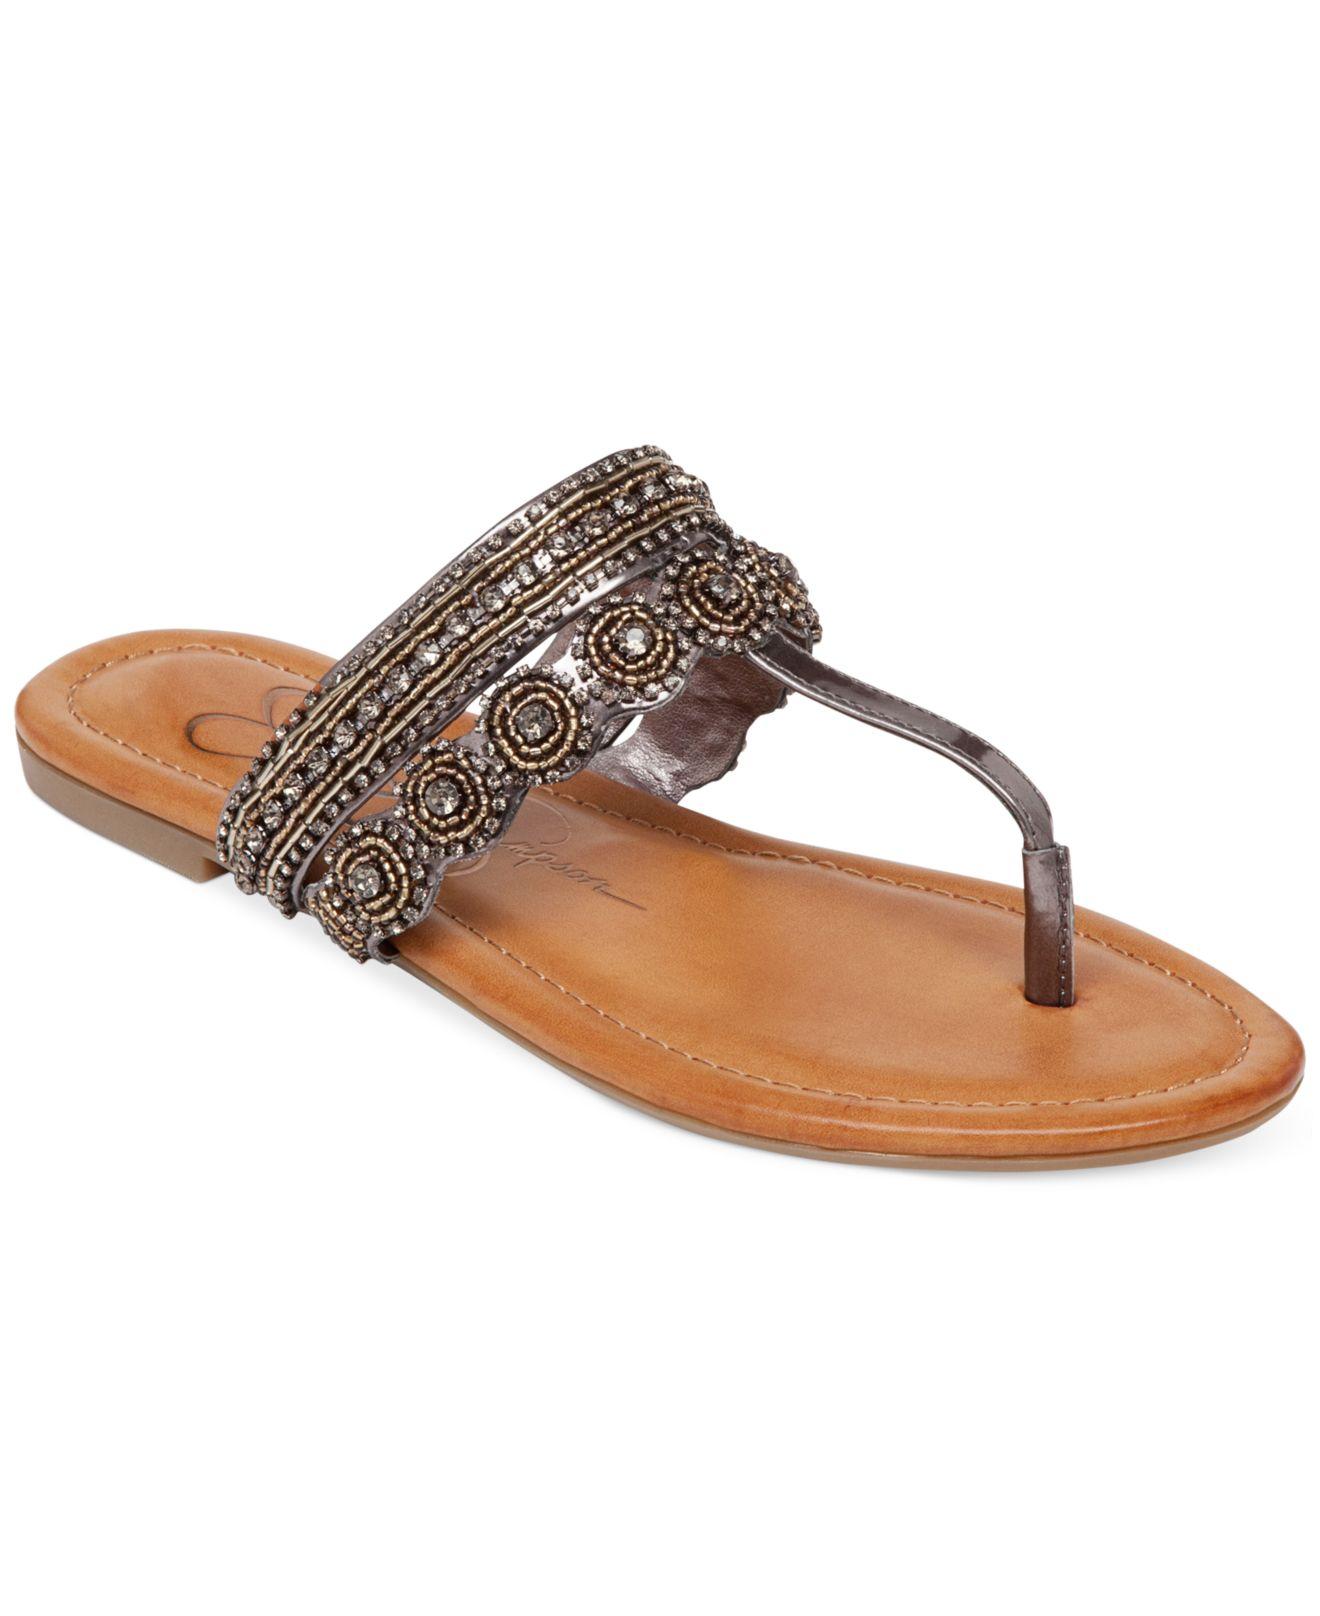 Women's Jess Sandal Flip Flop